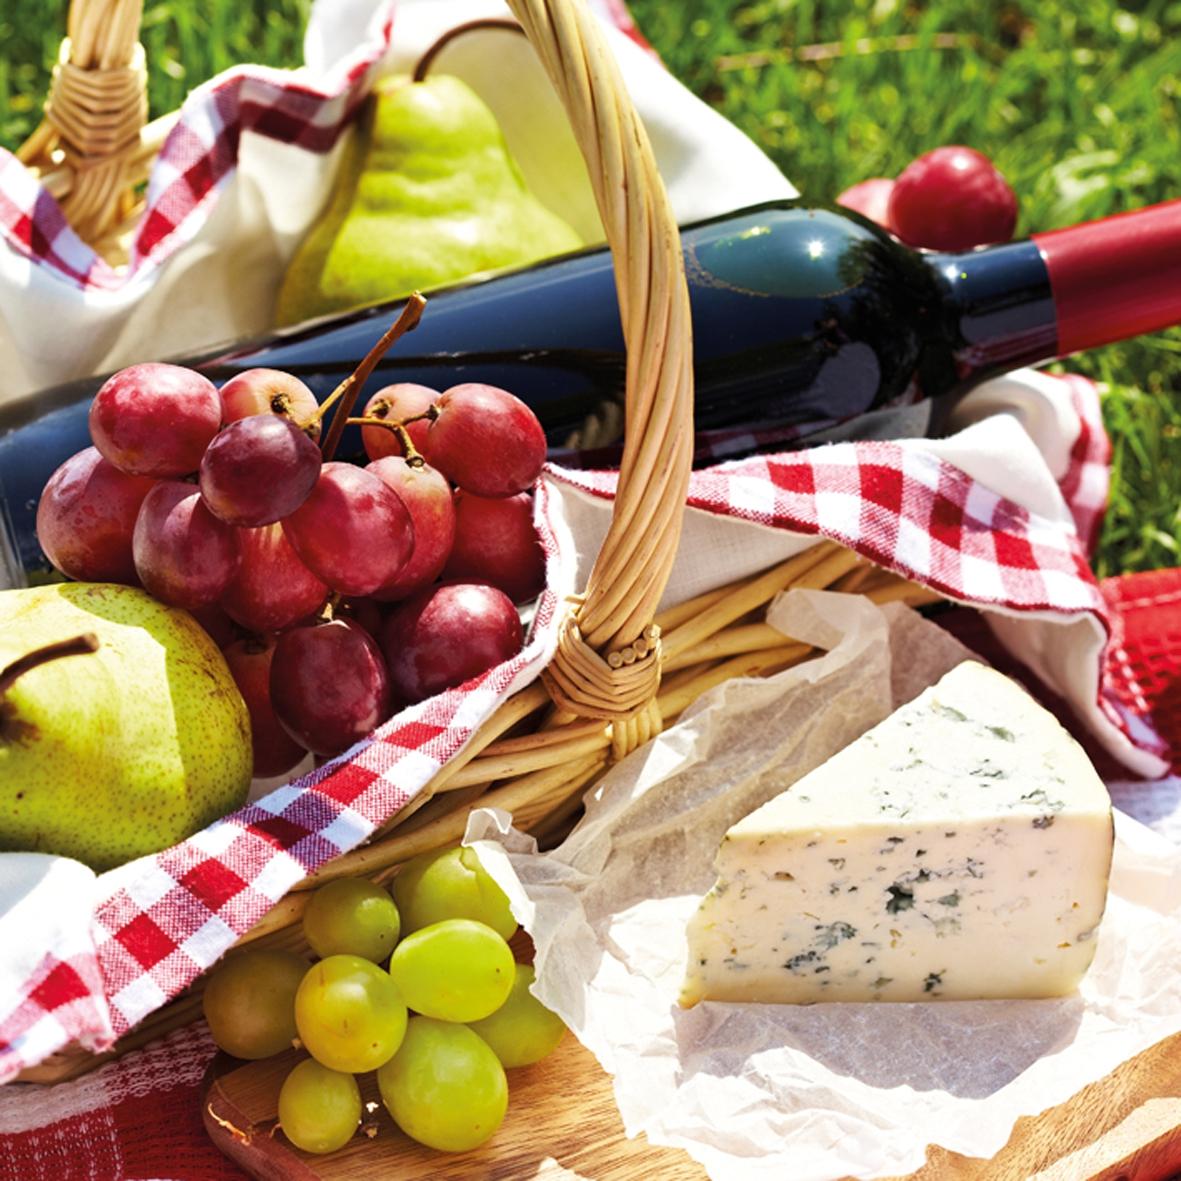 Lunch Servietten Cheese Wine & Grapes             ,  Früchte - Weintrauben,  Essen - Käse,  Everyday,  lunchservietten,  Rotwein,  Käse,  Weintrauben